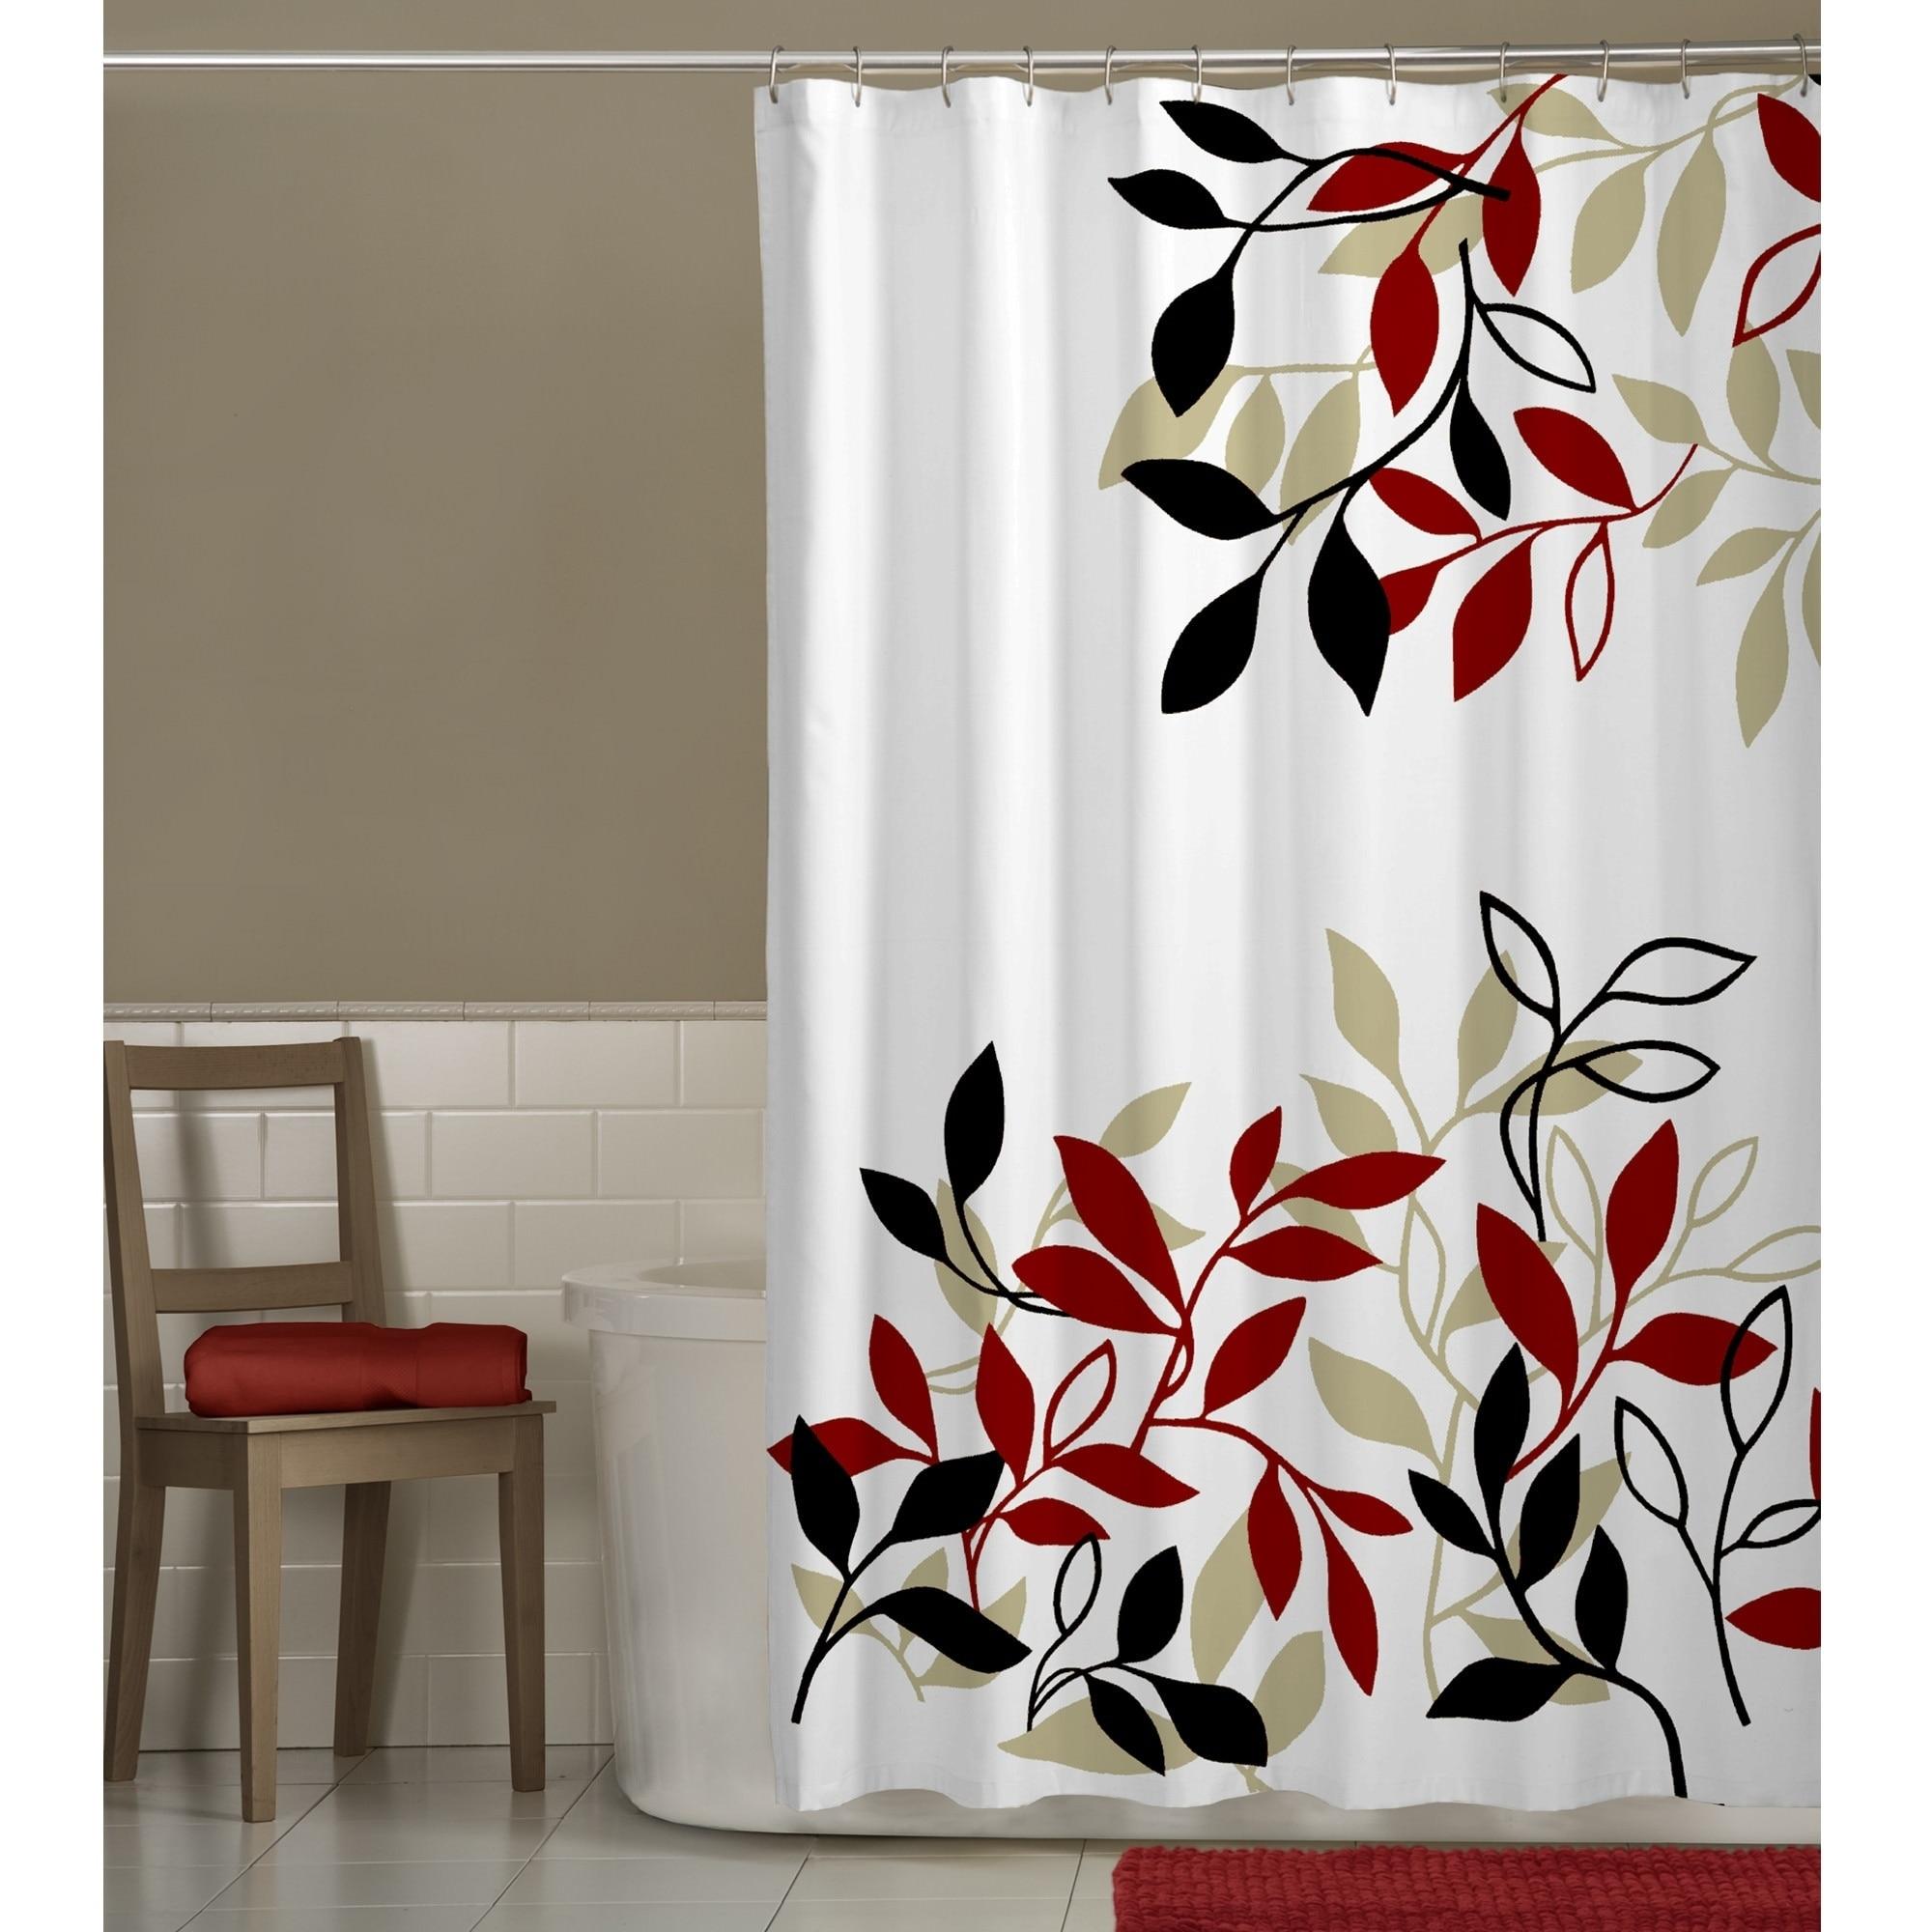 Maytex Satori Fabric Shower Curtain (Red leaf), Black (Po...